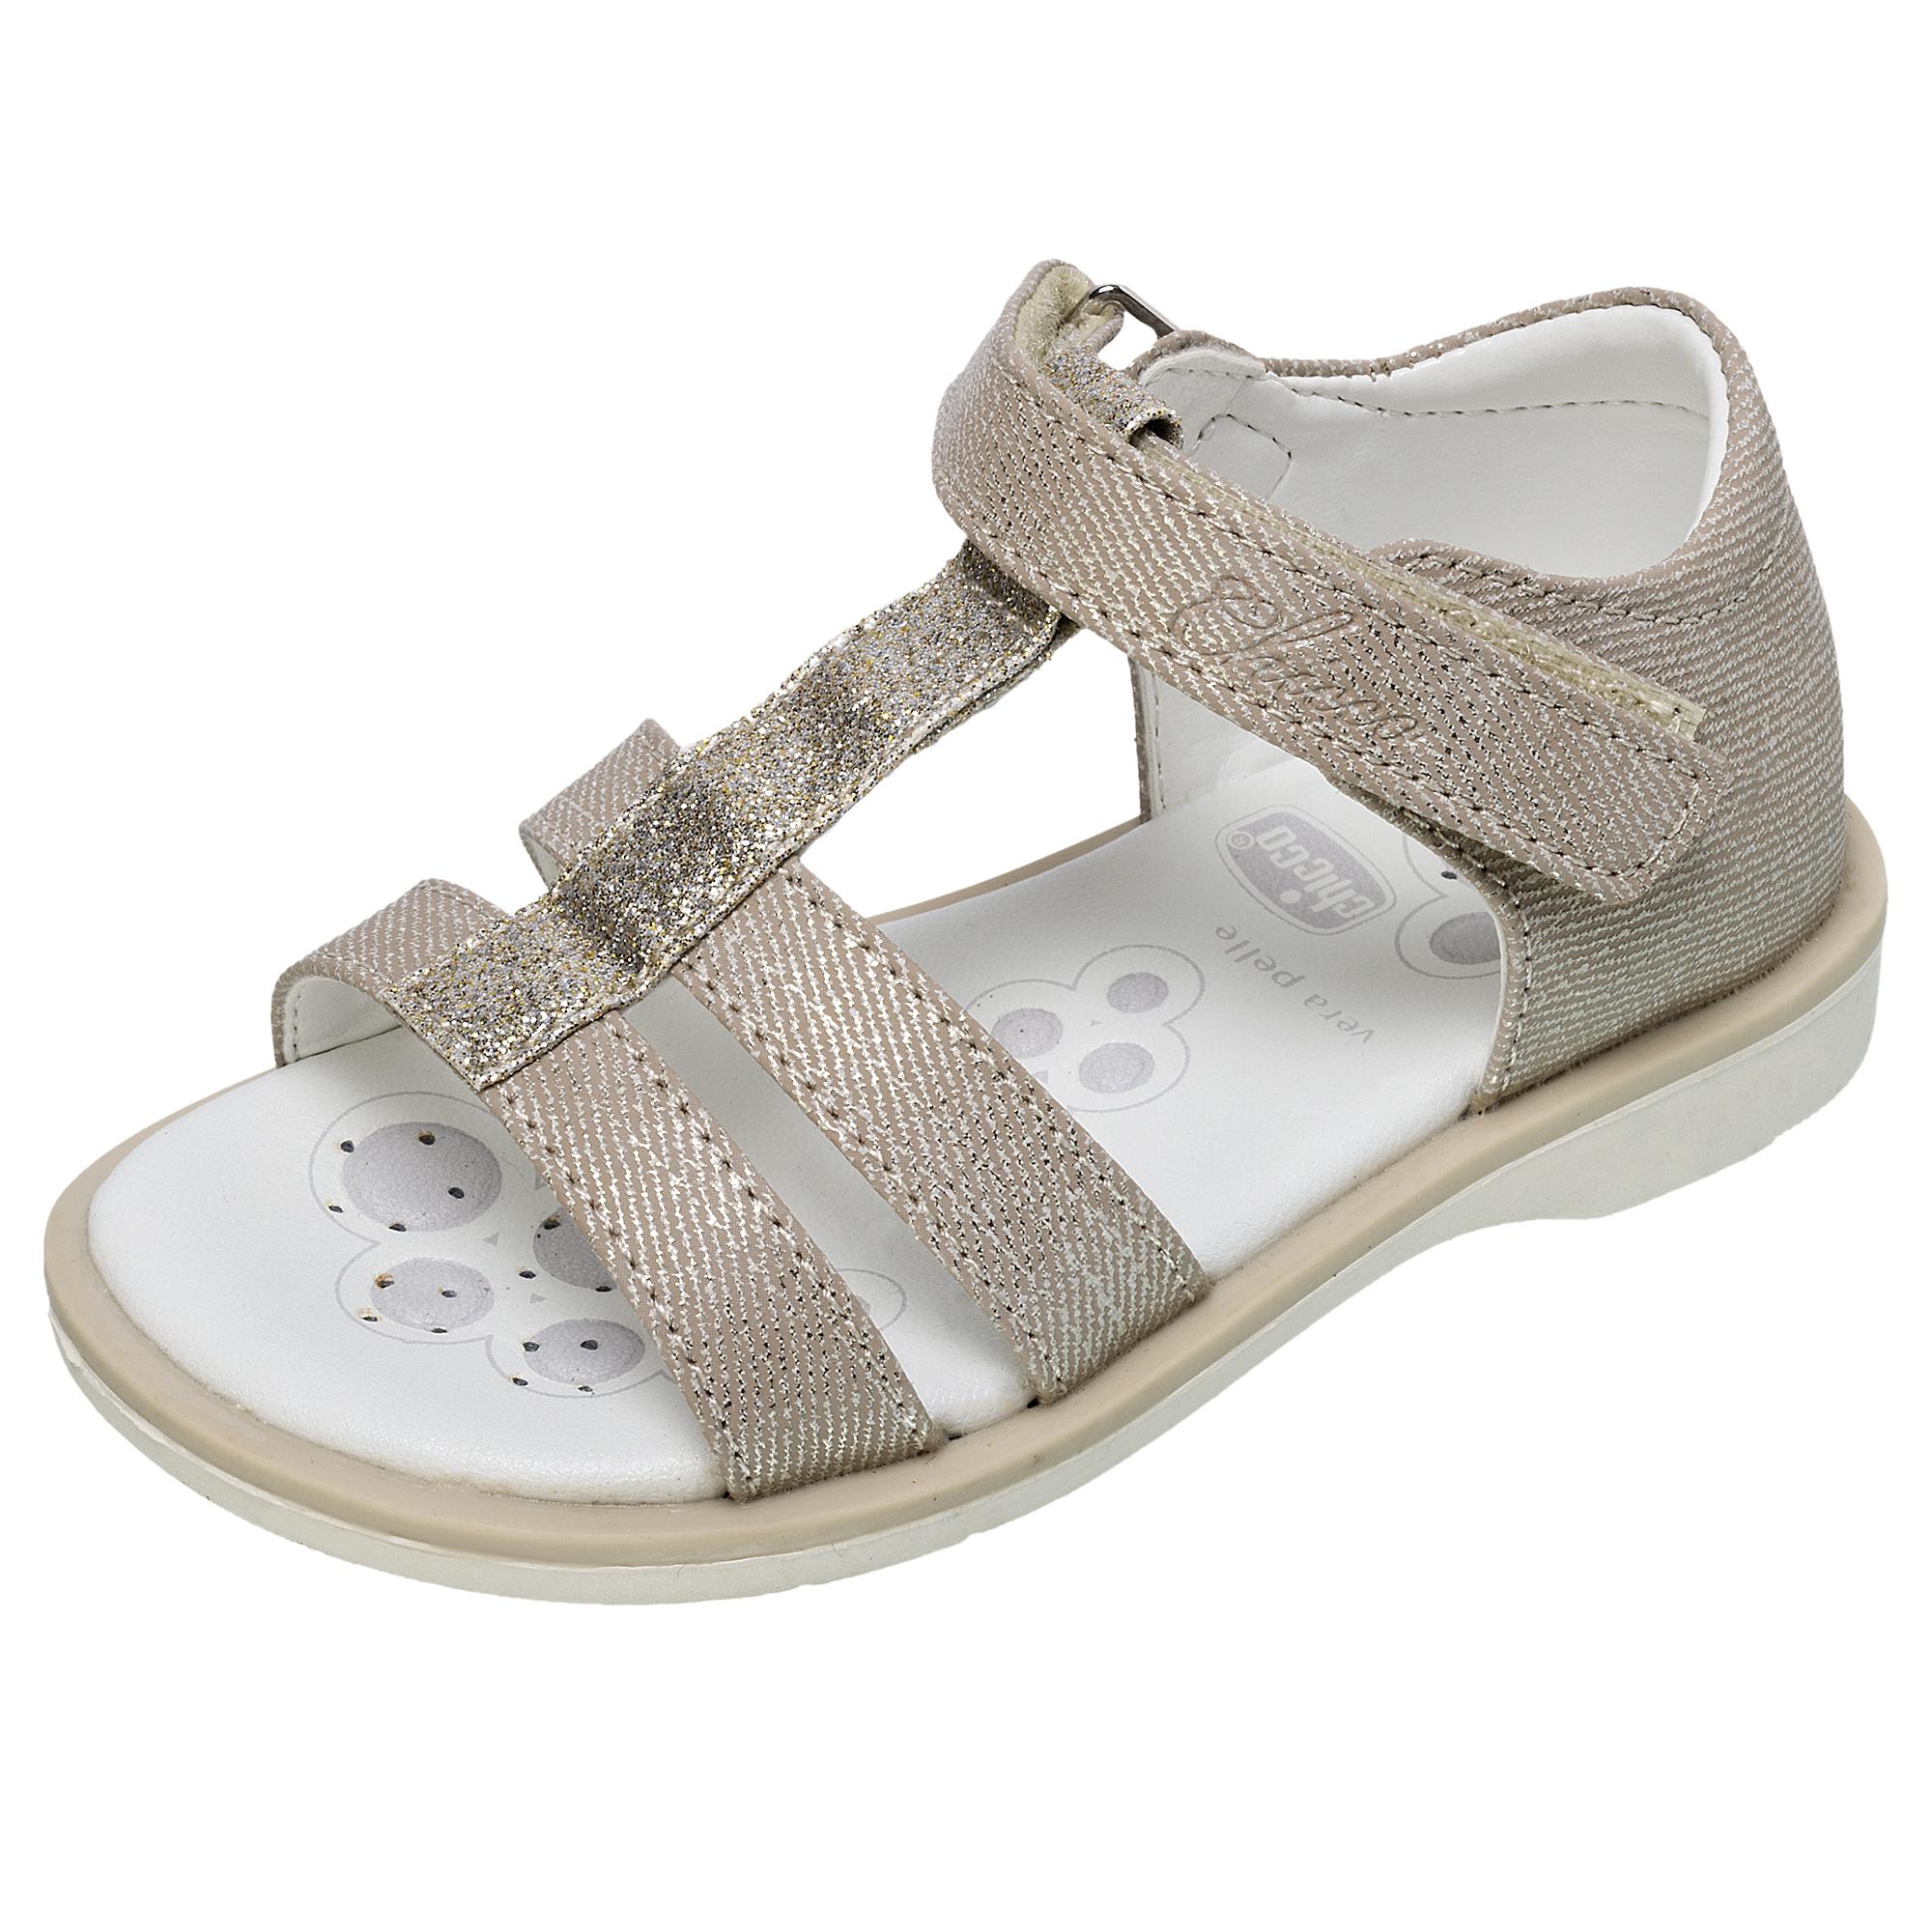 Sandale Copii Chicco Clivia, Auriu, 59584 imagine